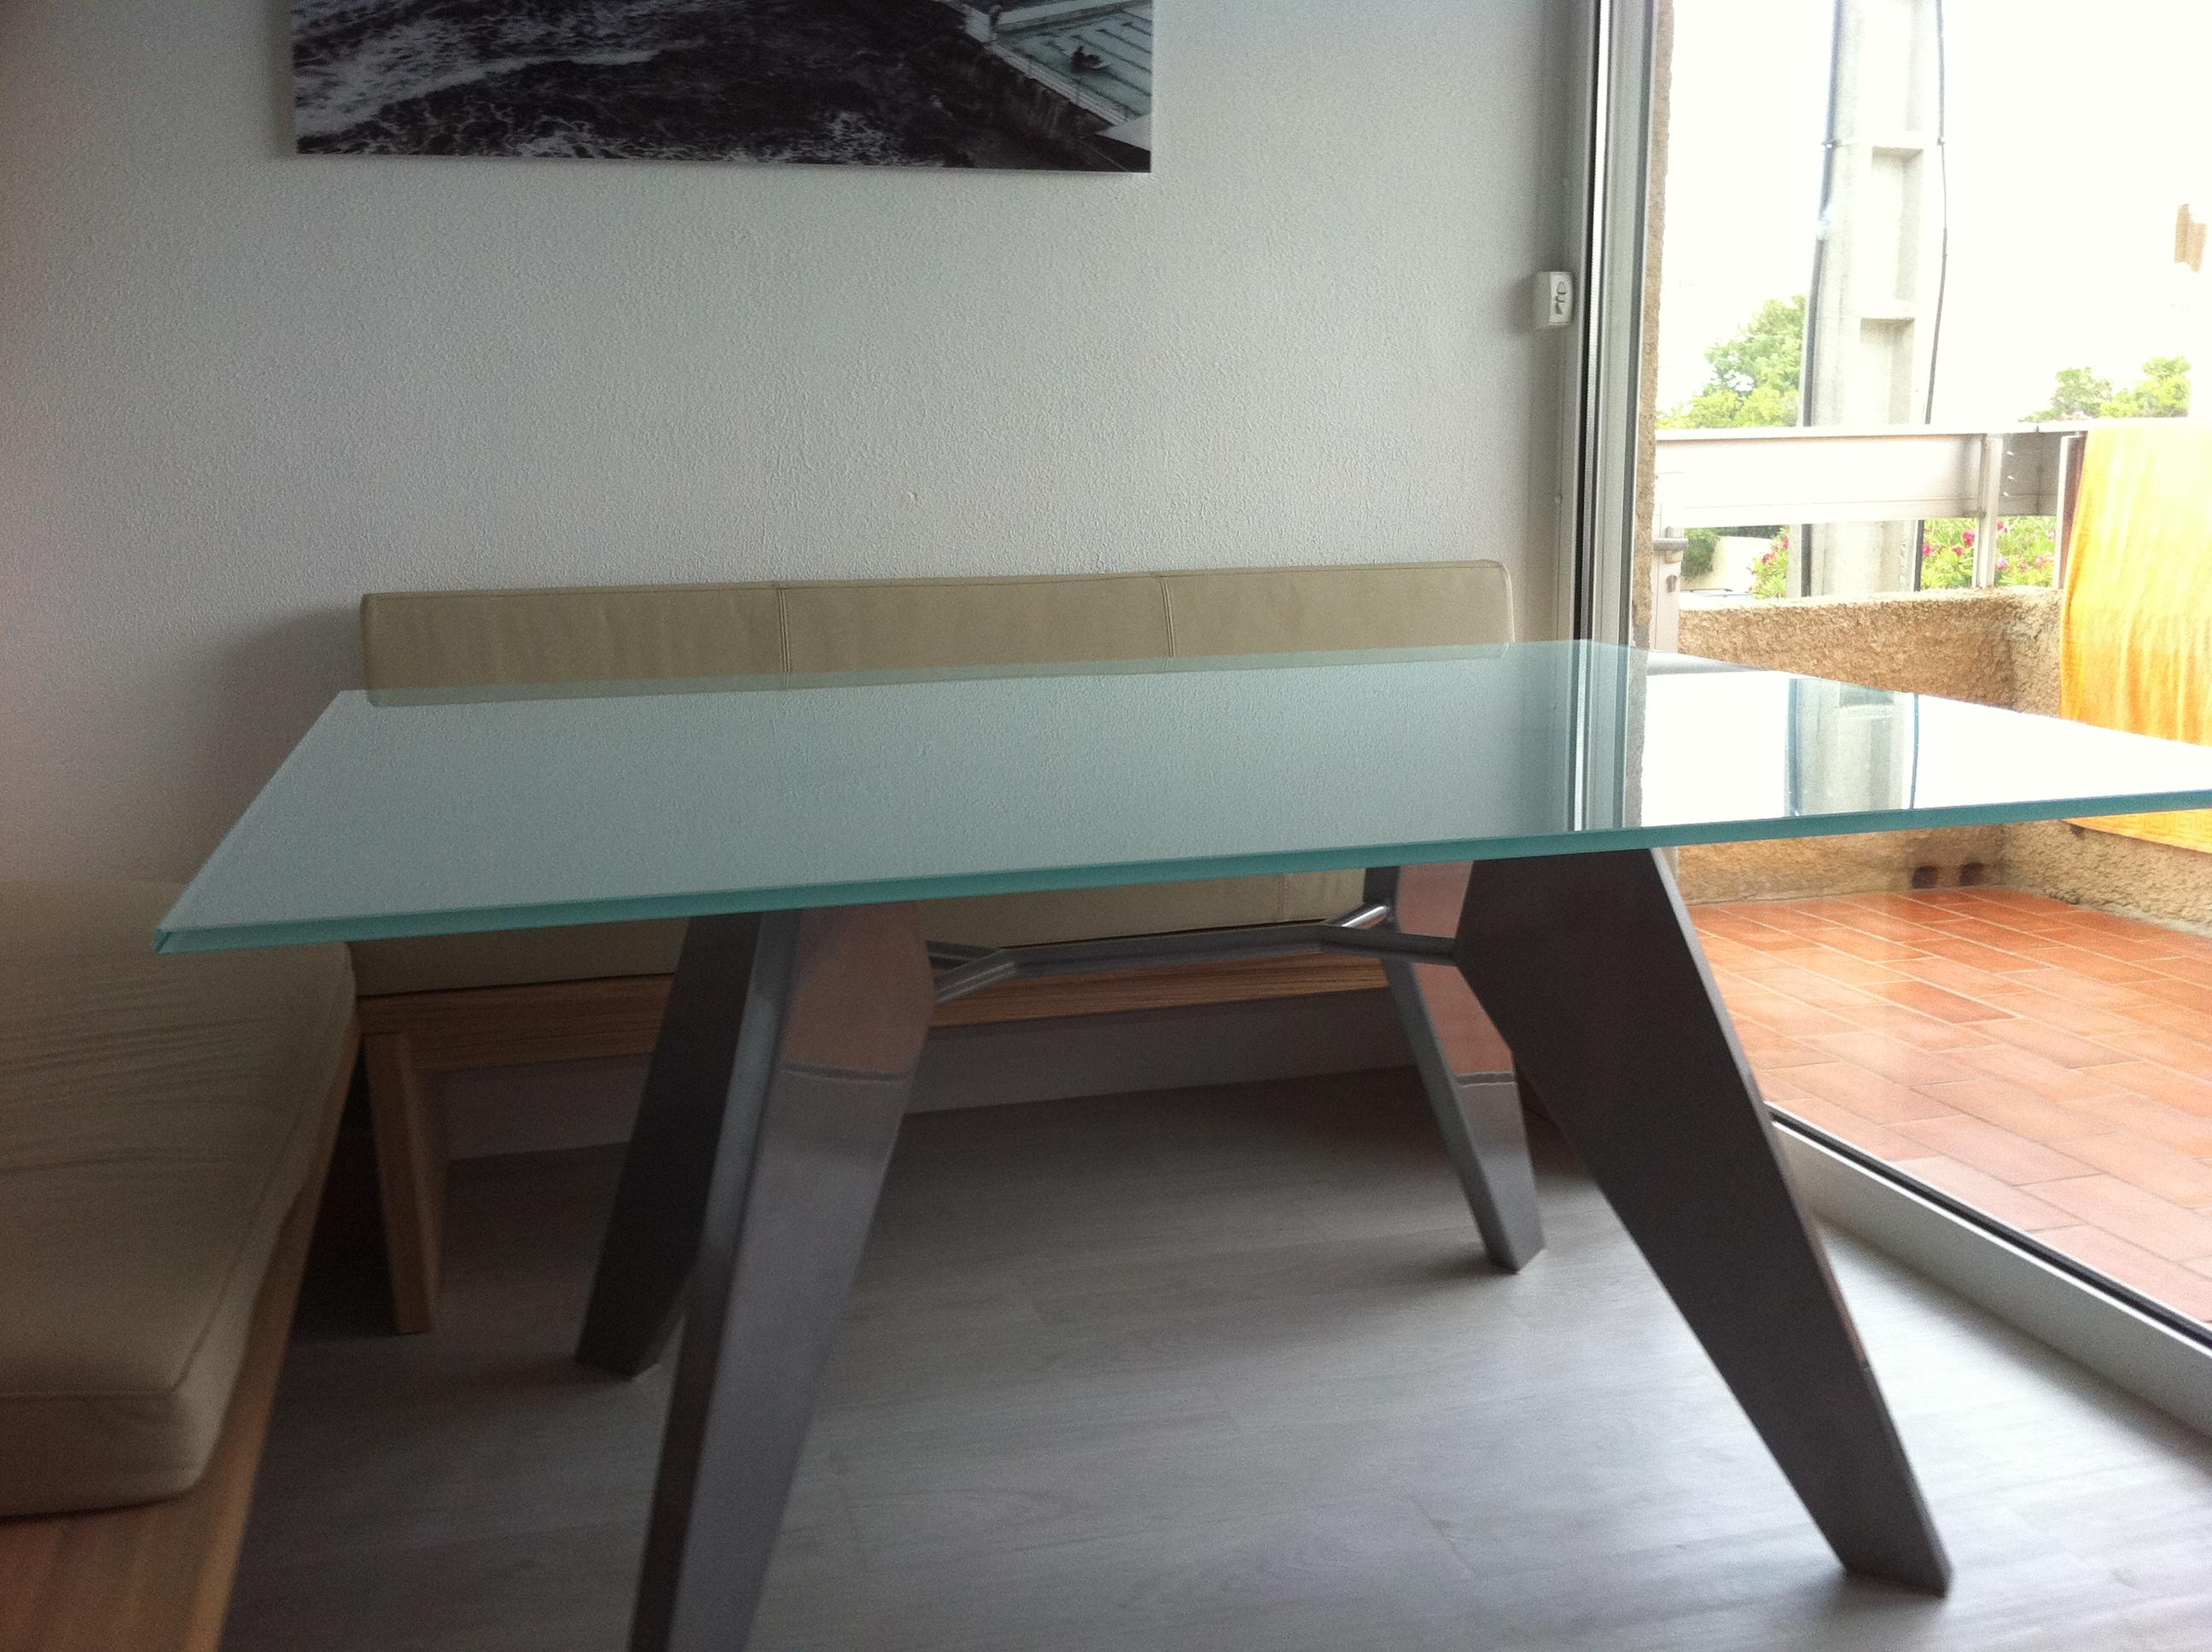 table en verre trempé dépoli